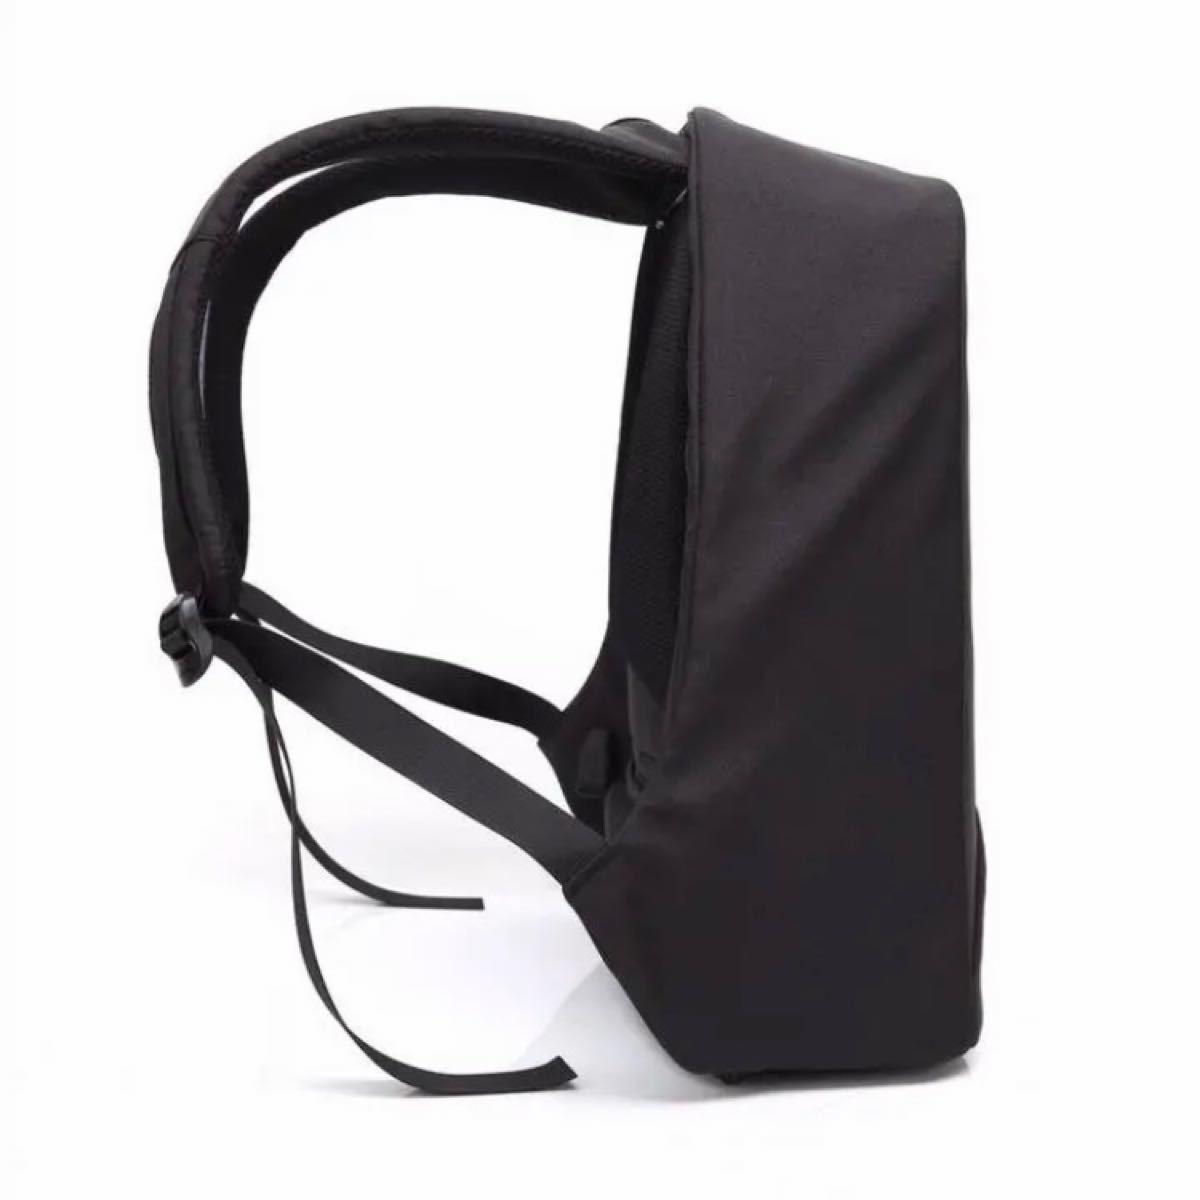 ビジネスリュック バックパック PCバッグ USB充電 大容量 多機能 黒